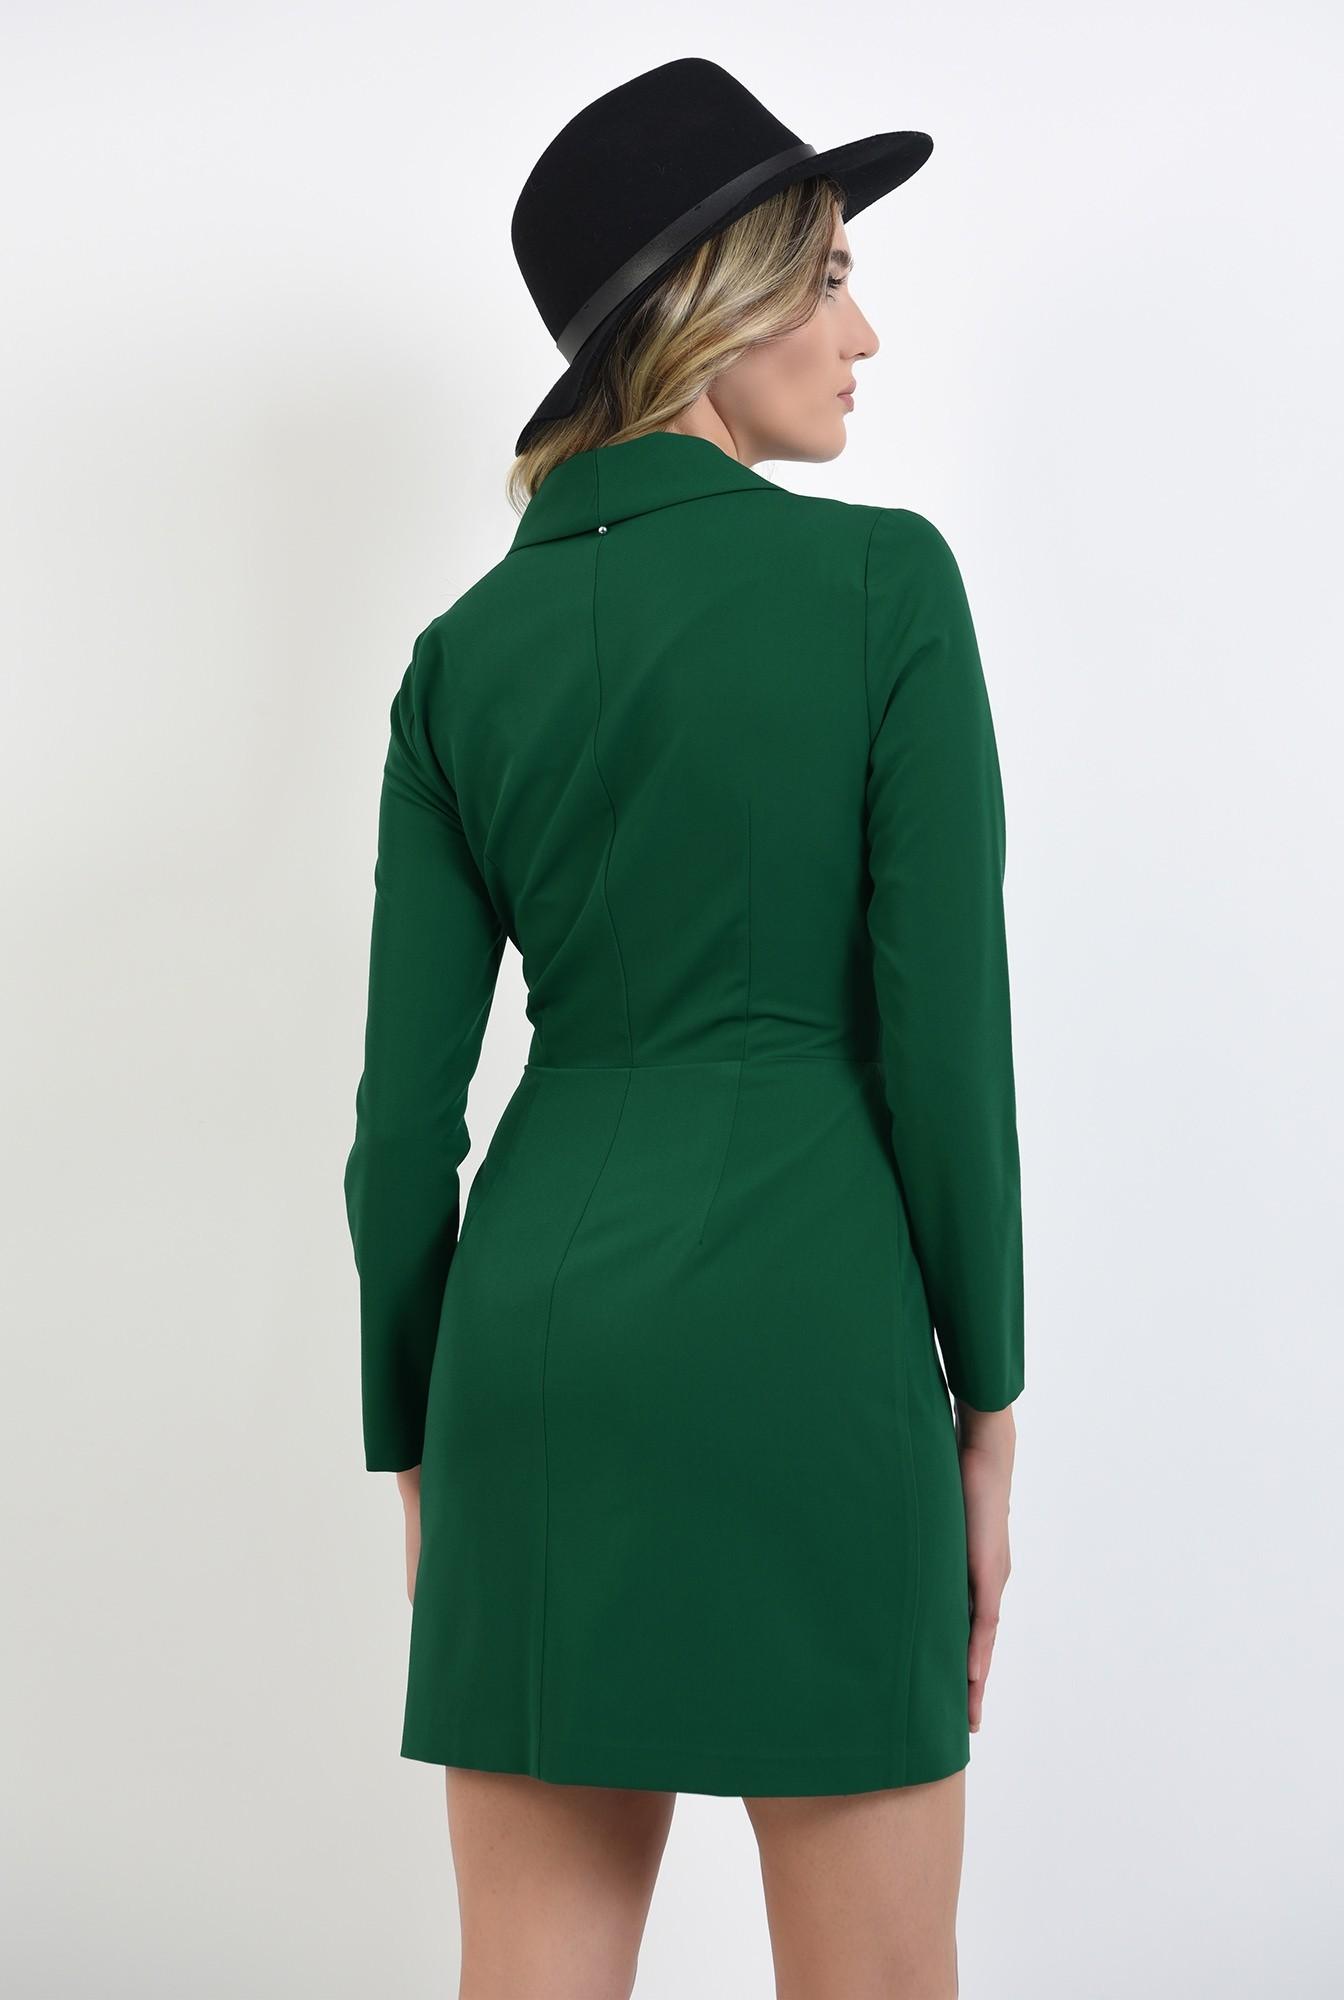 1 - rochie stil blazer, scurta, verde